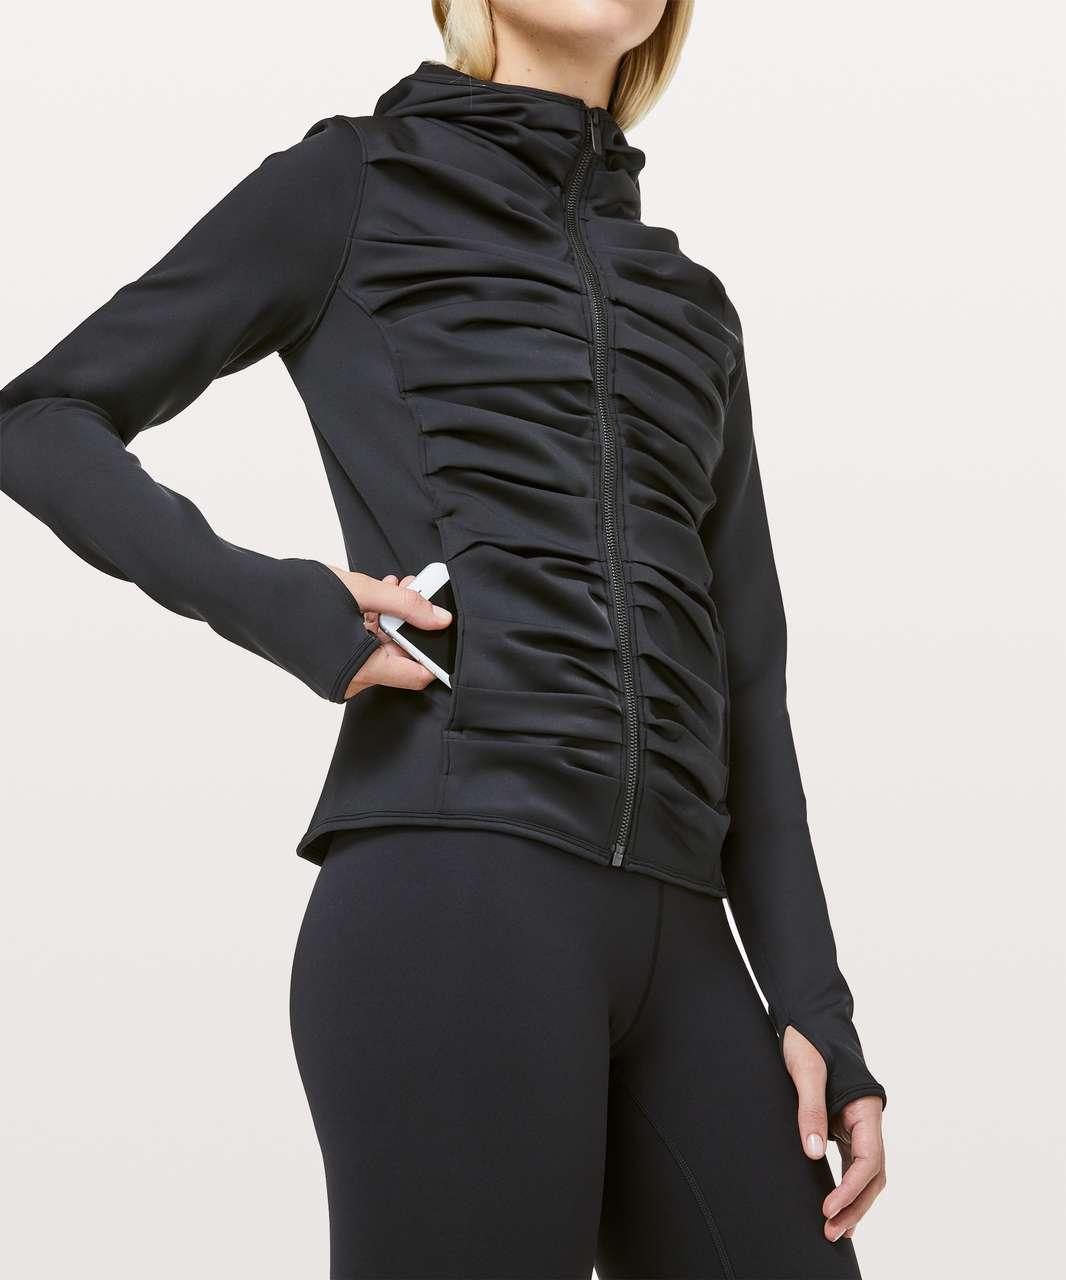 Lululemon Bold Move Jacket - Black